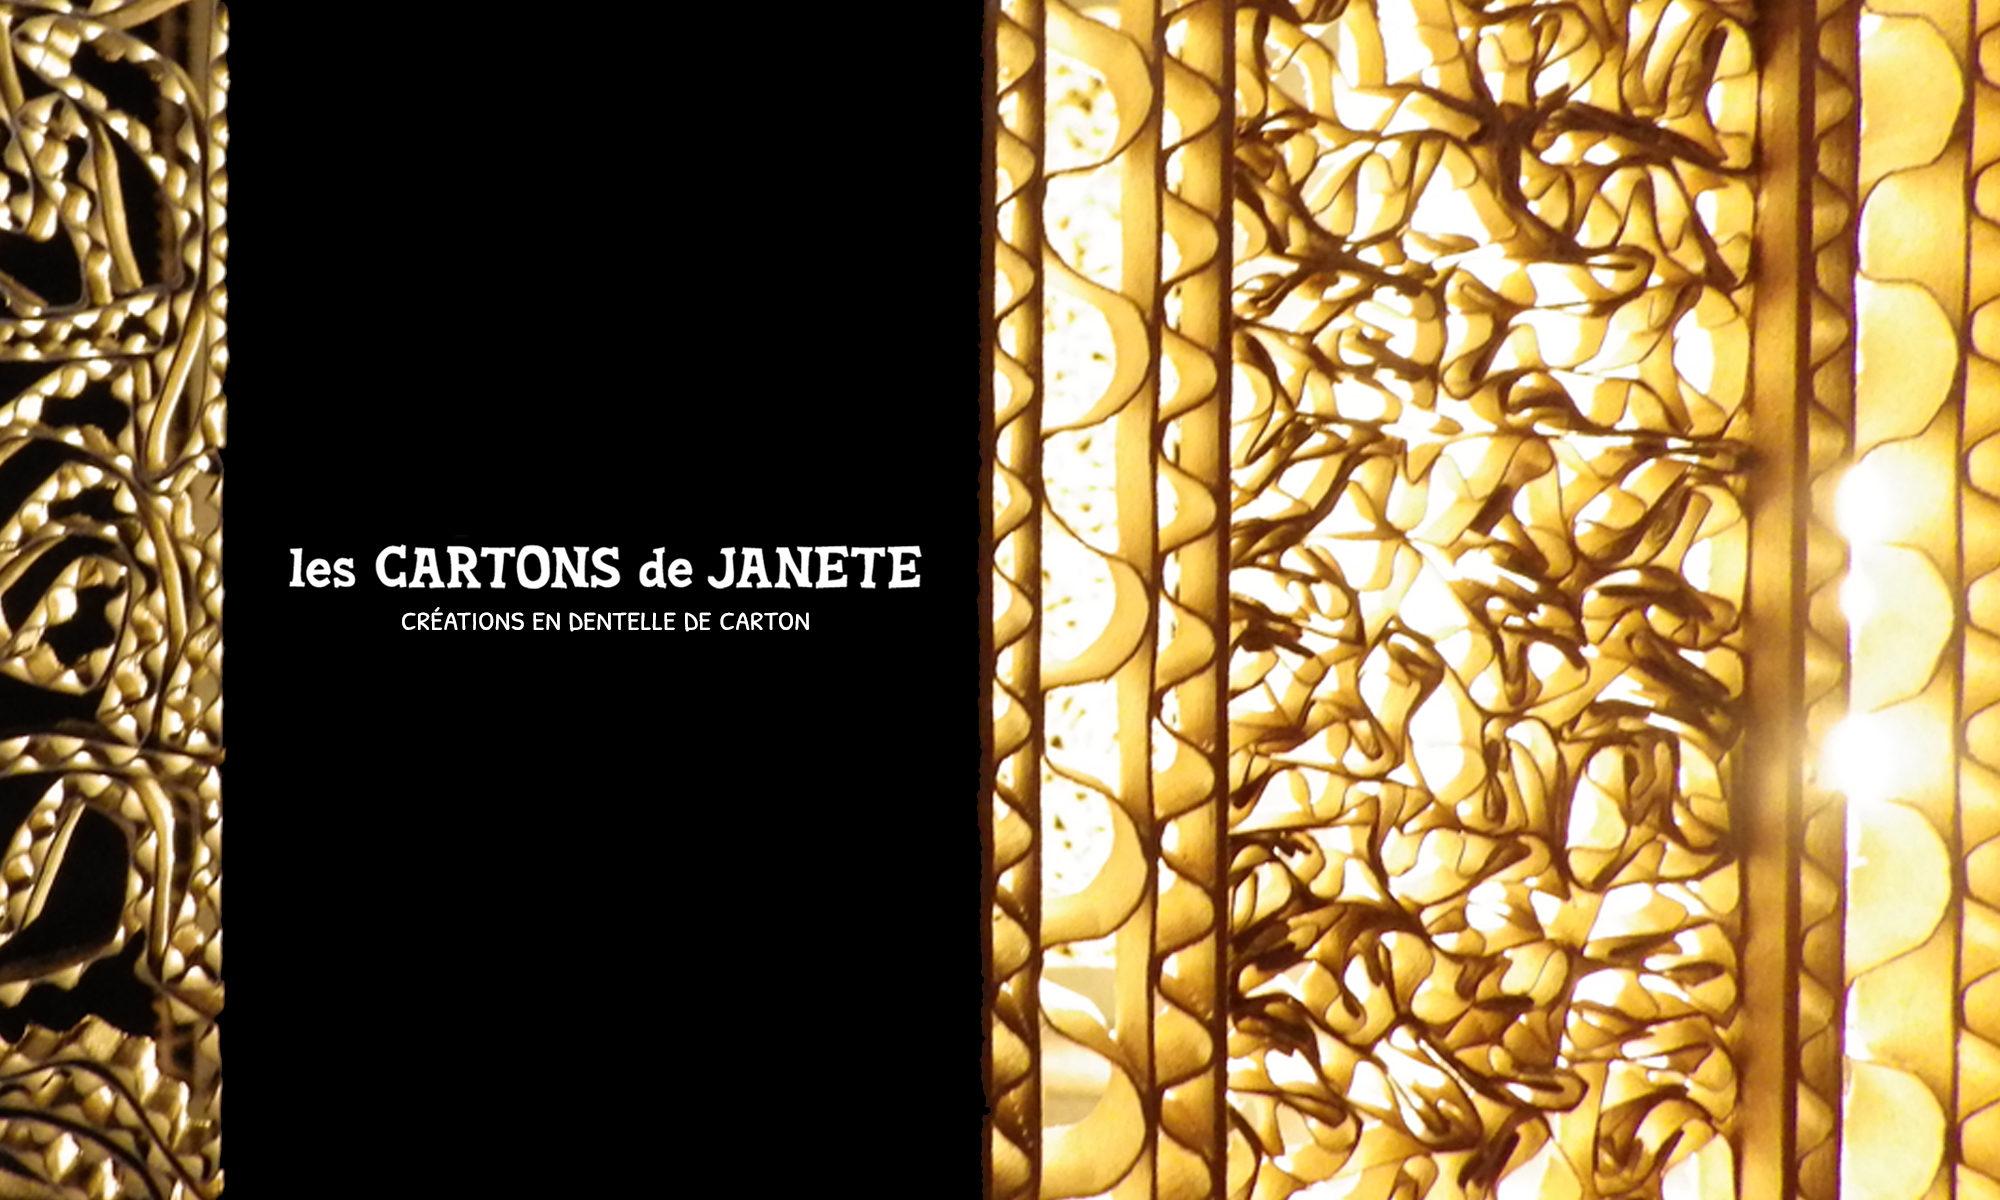 Les Cartons de Janete